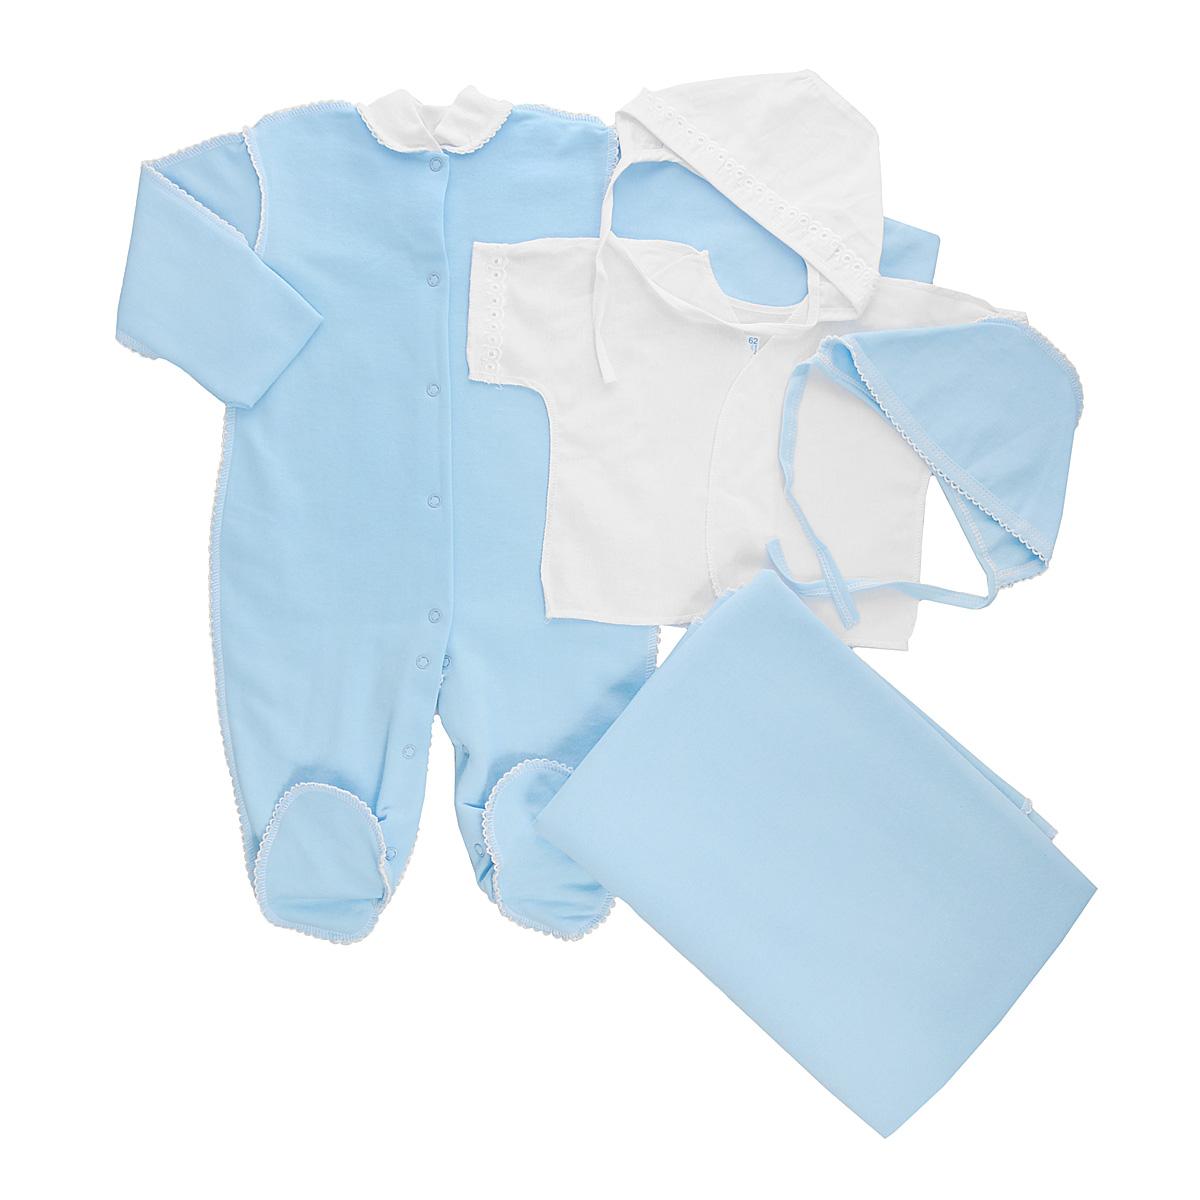 Комплект для новорожденного Трон-Плюс, 5 предметов, цвет: белый, голубой. 3474. Размер 56, 1 месяц3474Комплект для новорожденного Трон-плюс - это замечательный подарок, который прекрасно подойдет для первых дней жизни малыша. Комплект состоит из комбинезона, распашонки, двух чепчиков и пеленки. Комплект изготовлен из натурального хлопка, благодаря чему он необычайно мягкий и приятный на ощупь, не сковывает движения младенца и позволяет коже дышать, не раздражает даже самую нежную и чувствительную кожу ребенка, обеспечивая ему наибольший комфорт. Легкая распашонка с короткими рукавами выполнена швами наружу. Рукава декорированы ажурными рюшами. Теплый комбинезон с небольшим воротничком-стойкой, длинными рукавами и закрытыми ножками идеально подойдет вашему ребенку, обеспечивая ему наибольший комфорт. Комбинезон застегивает на кнопочки по всей длине и на ластовице, что помогает с легкостью переодеть ребенка или сметить подгузник. Рукавички обеспечат вашему малышу комфорт во время сна и бодрствования, предохраняя нежную кожу новорожденного от расцарапывания. Комбинезон выполнен швами наружу и украшен ажурными петельками. Чепчик защищает еще не заросший родничок, щадит чувствительный слух малыша, прикрывая ушки, и предохраняет от теплопотерь. Комплект содержит два чепчика: один - легкий мягкий чепчик с завязками выполнен швами наружу и украшен ажурными рюшами, а второй - теплый чепчик выполнен из футера швами наружу и украшен ажурными петельками. Теплая и мягкая пеленка станет незаменимым помощником в деле ухода за ребенком. По периметру изделие оформлено ажурными петельками. В таком комплекте ваш малыш будет чувствовать себя комфортно, уютно и всегда будет в центре внимания!